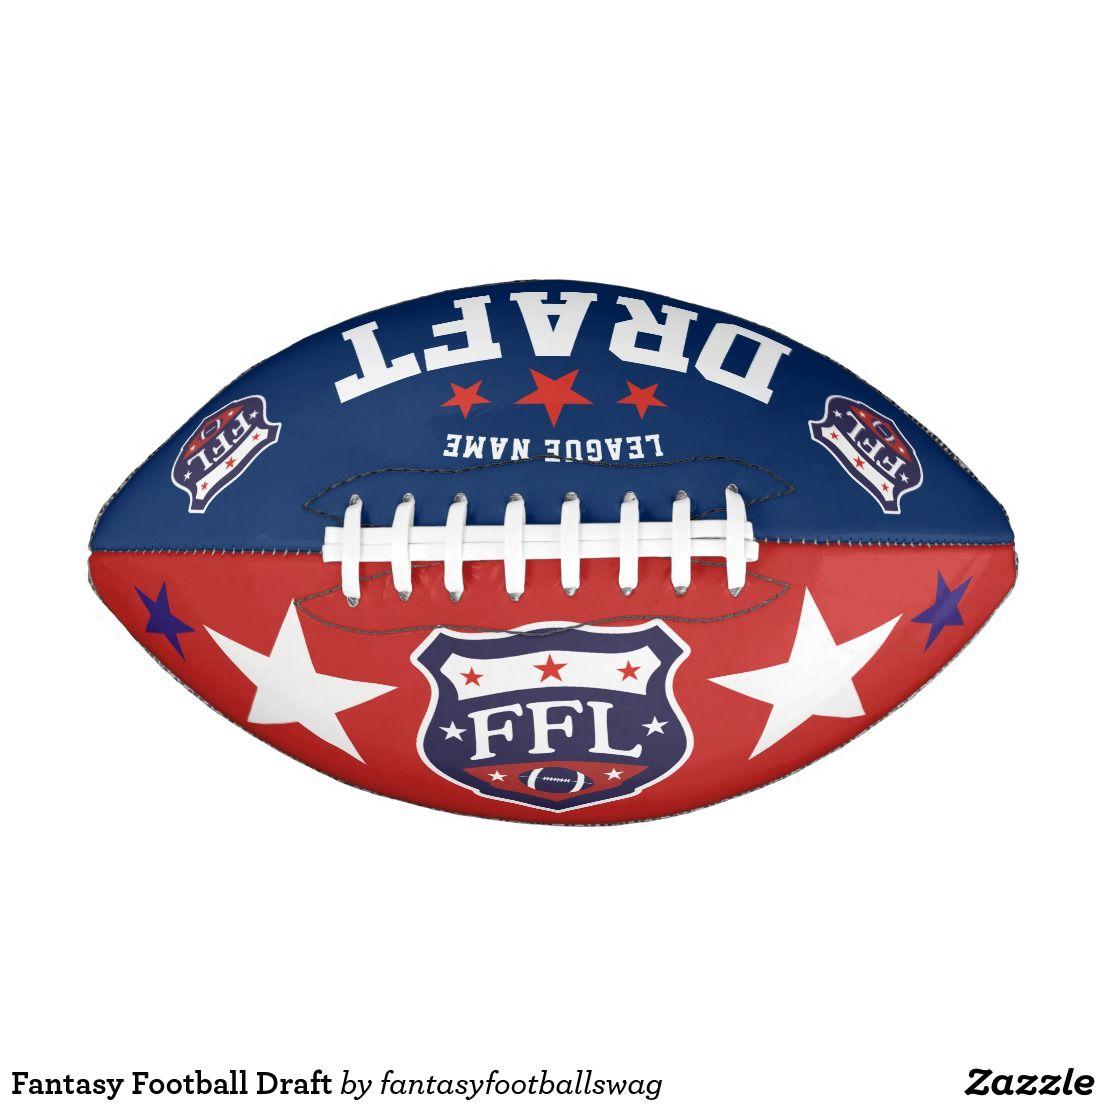 Fantasy football draft football draft